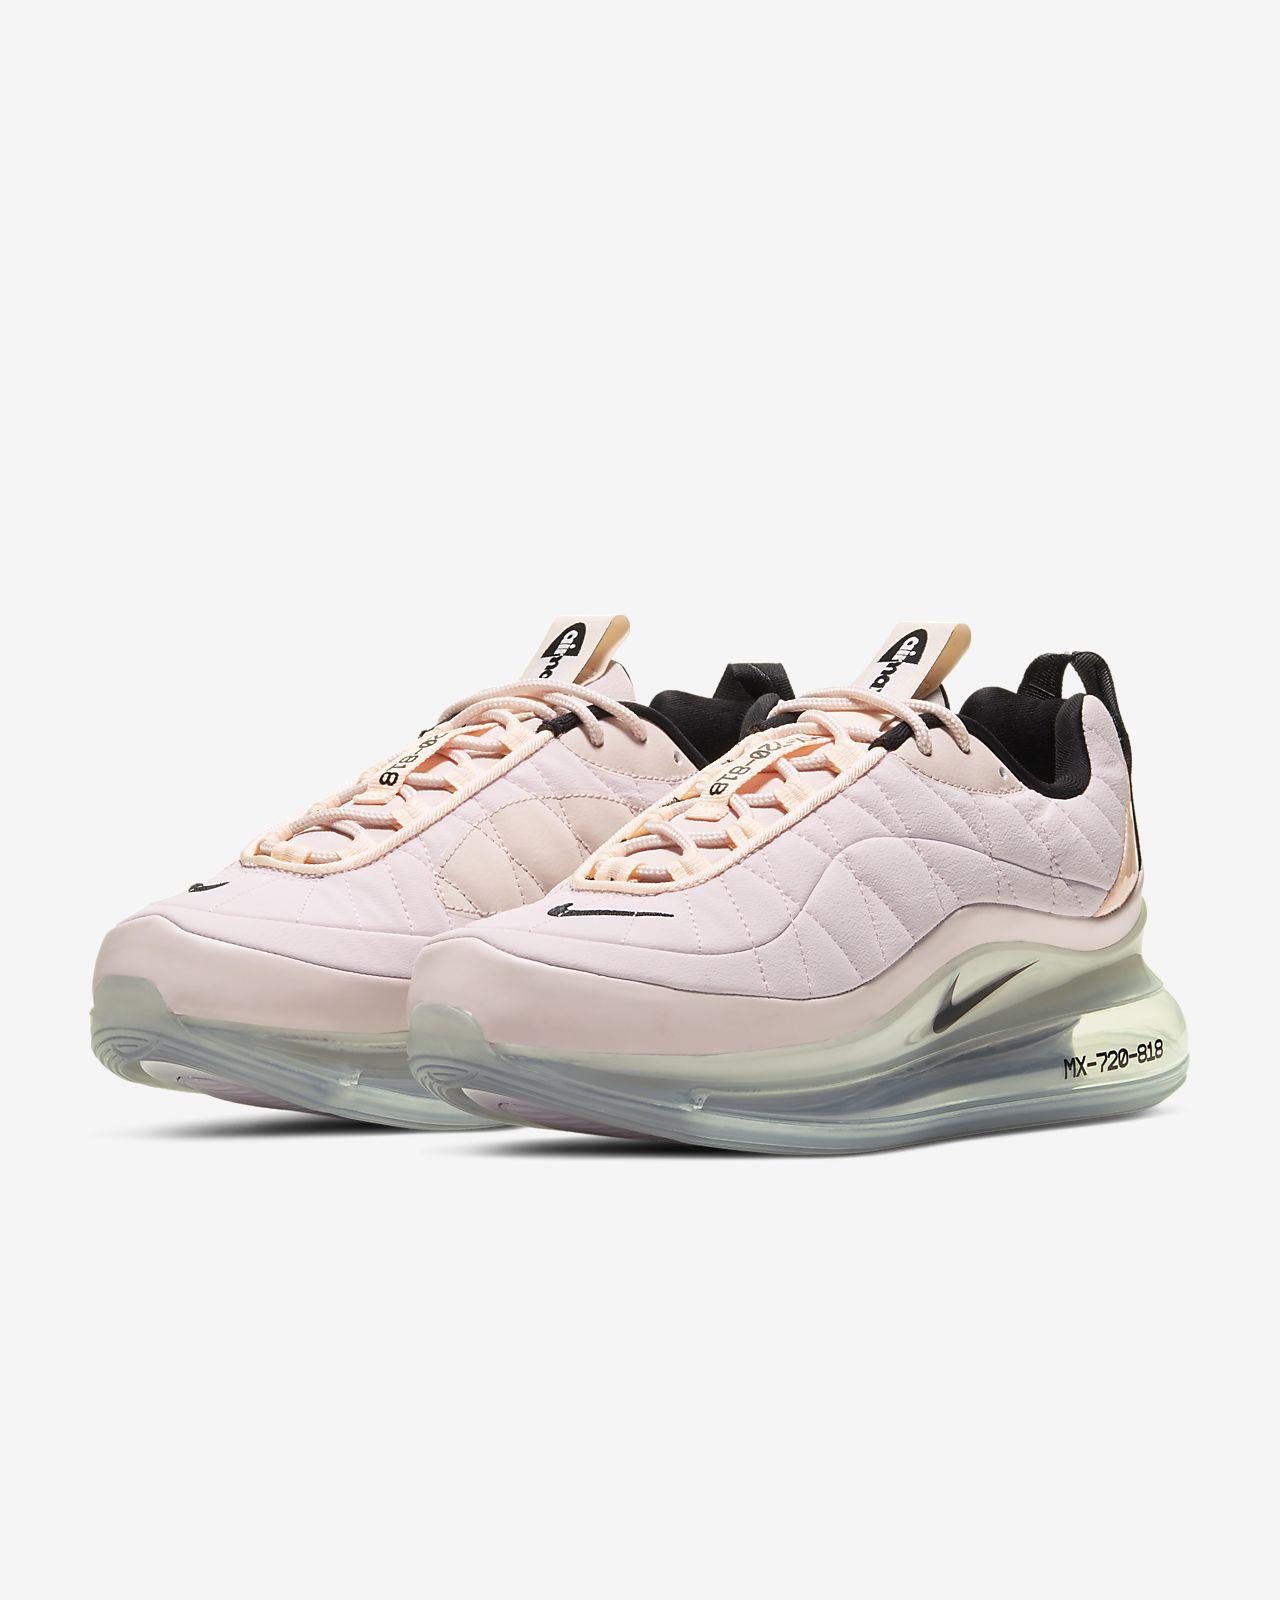 Calzado para mujer Nike MX 720-818